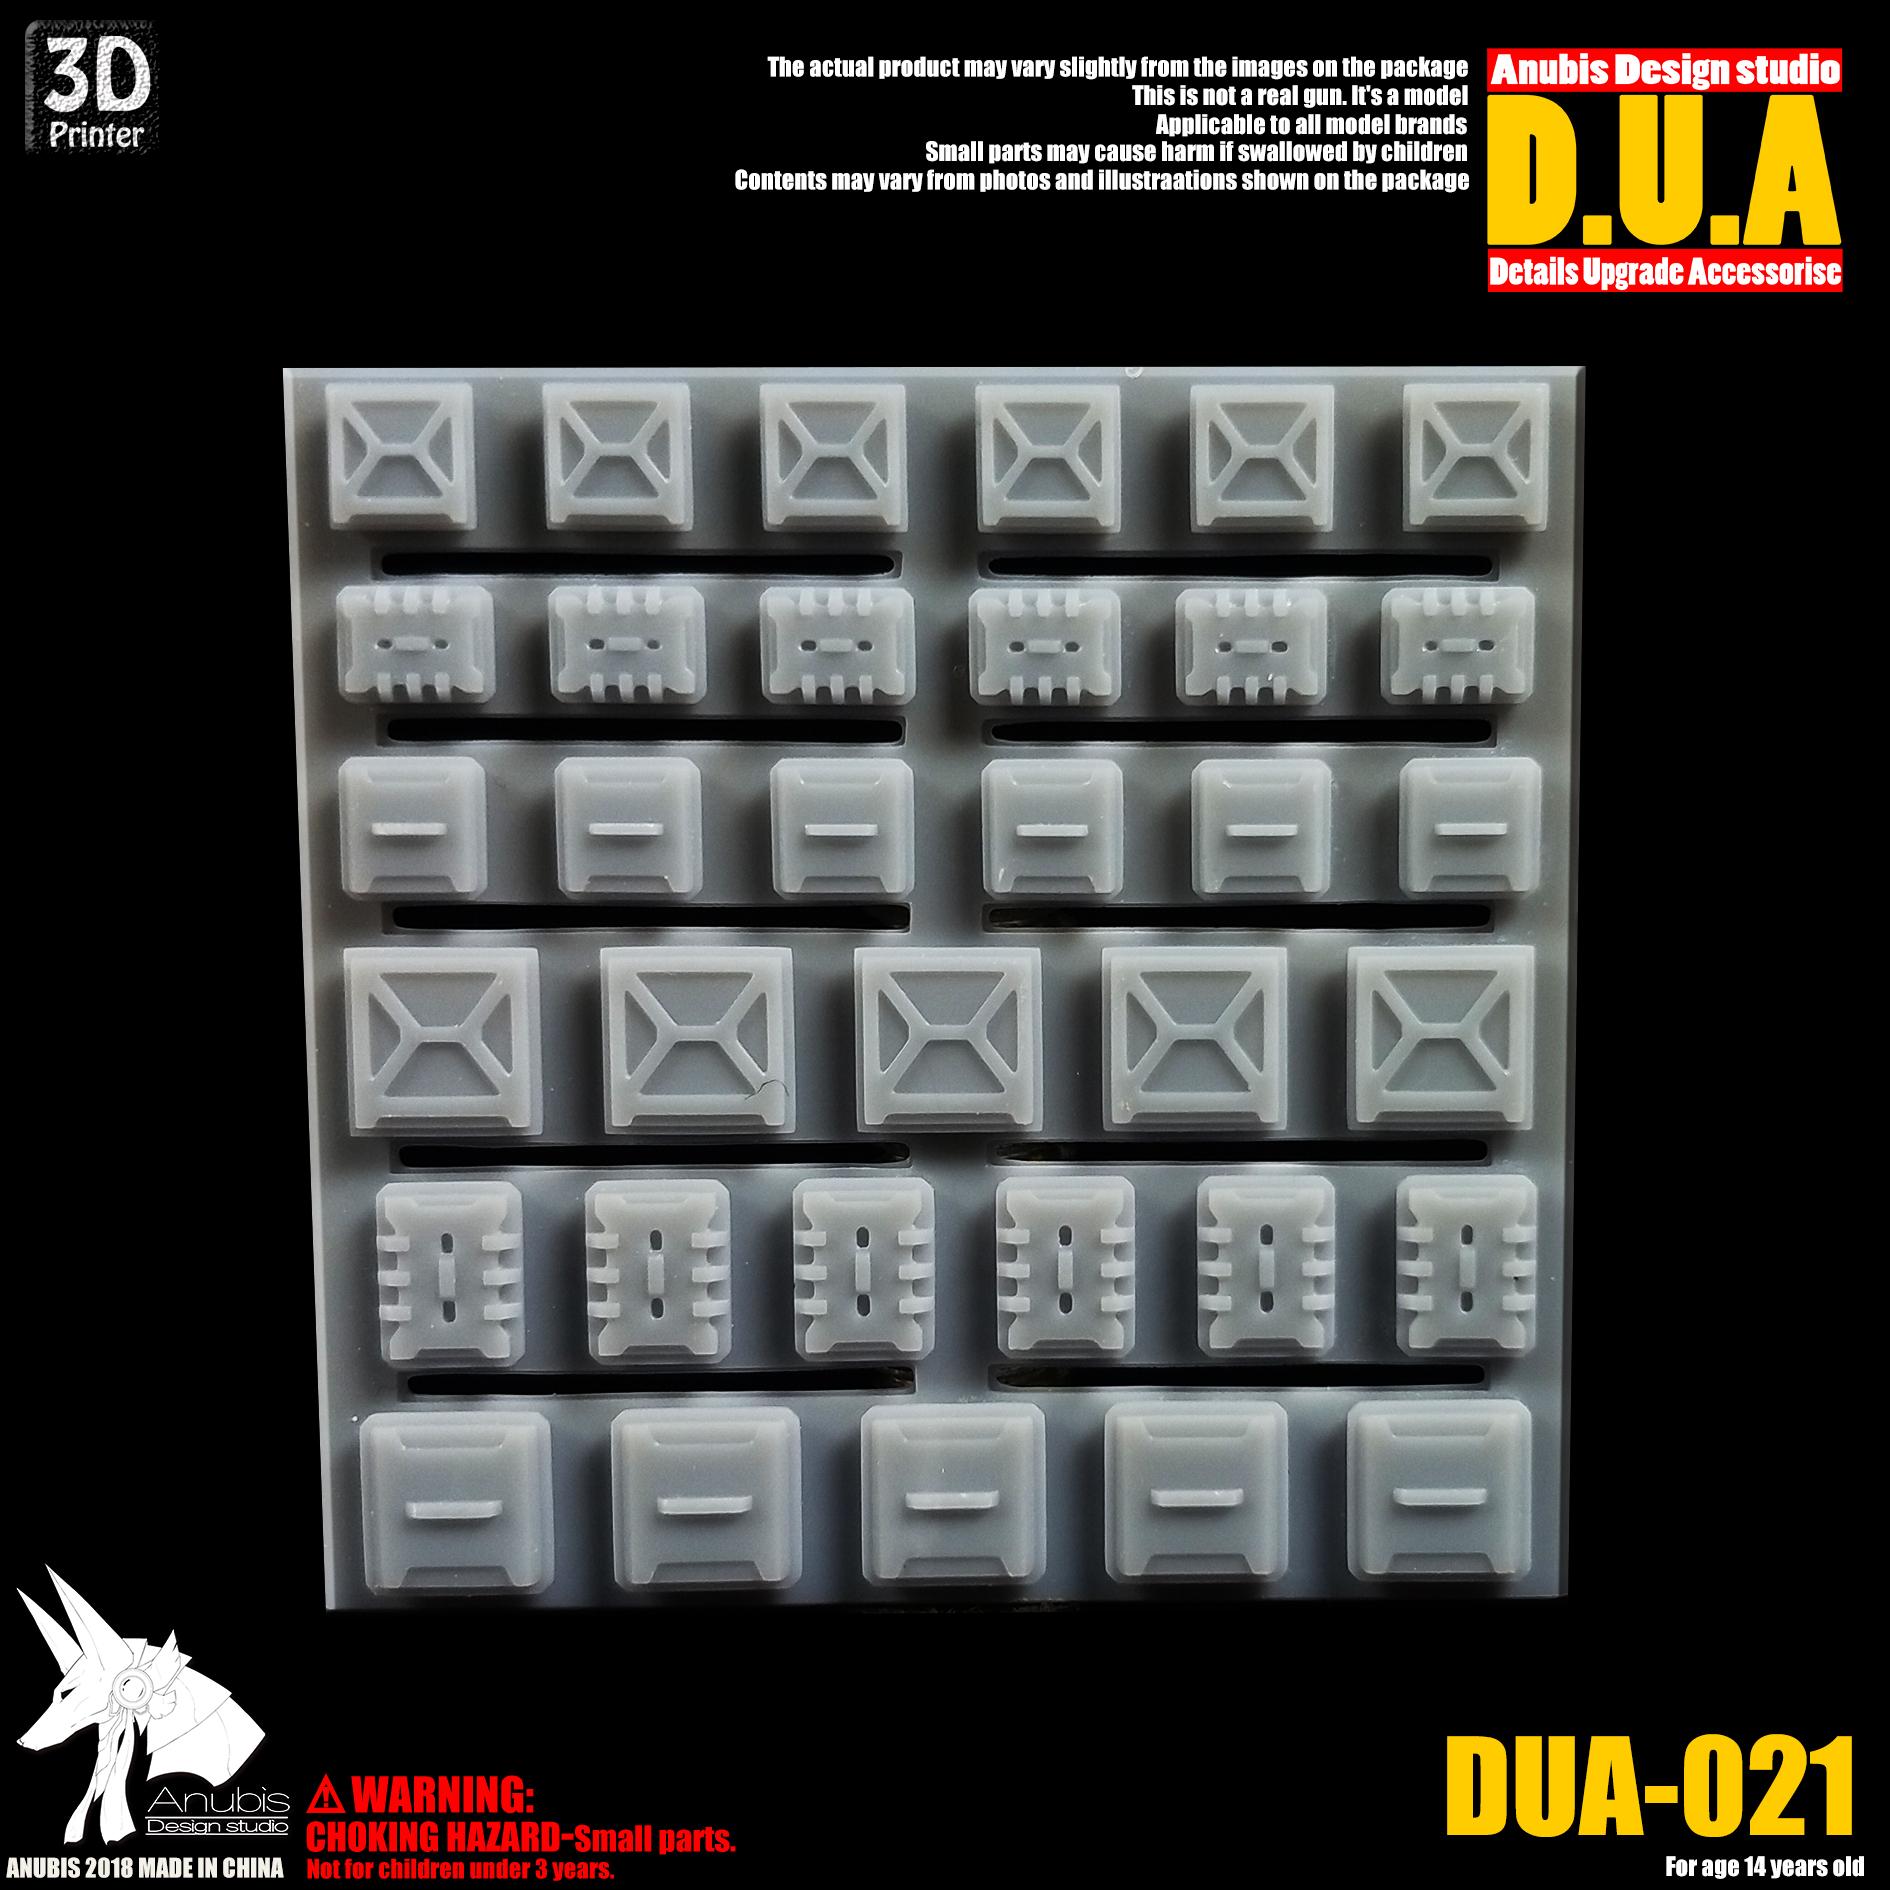 G413_DUA021_002.jpg